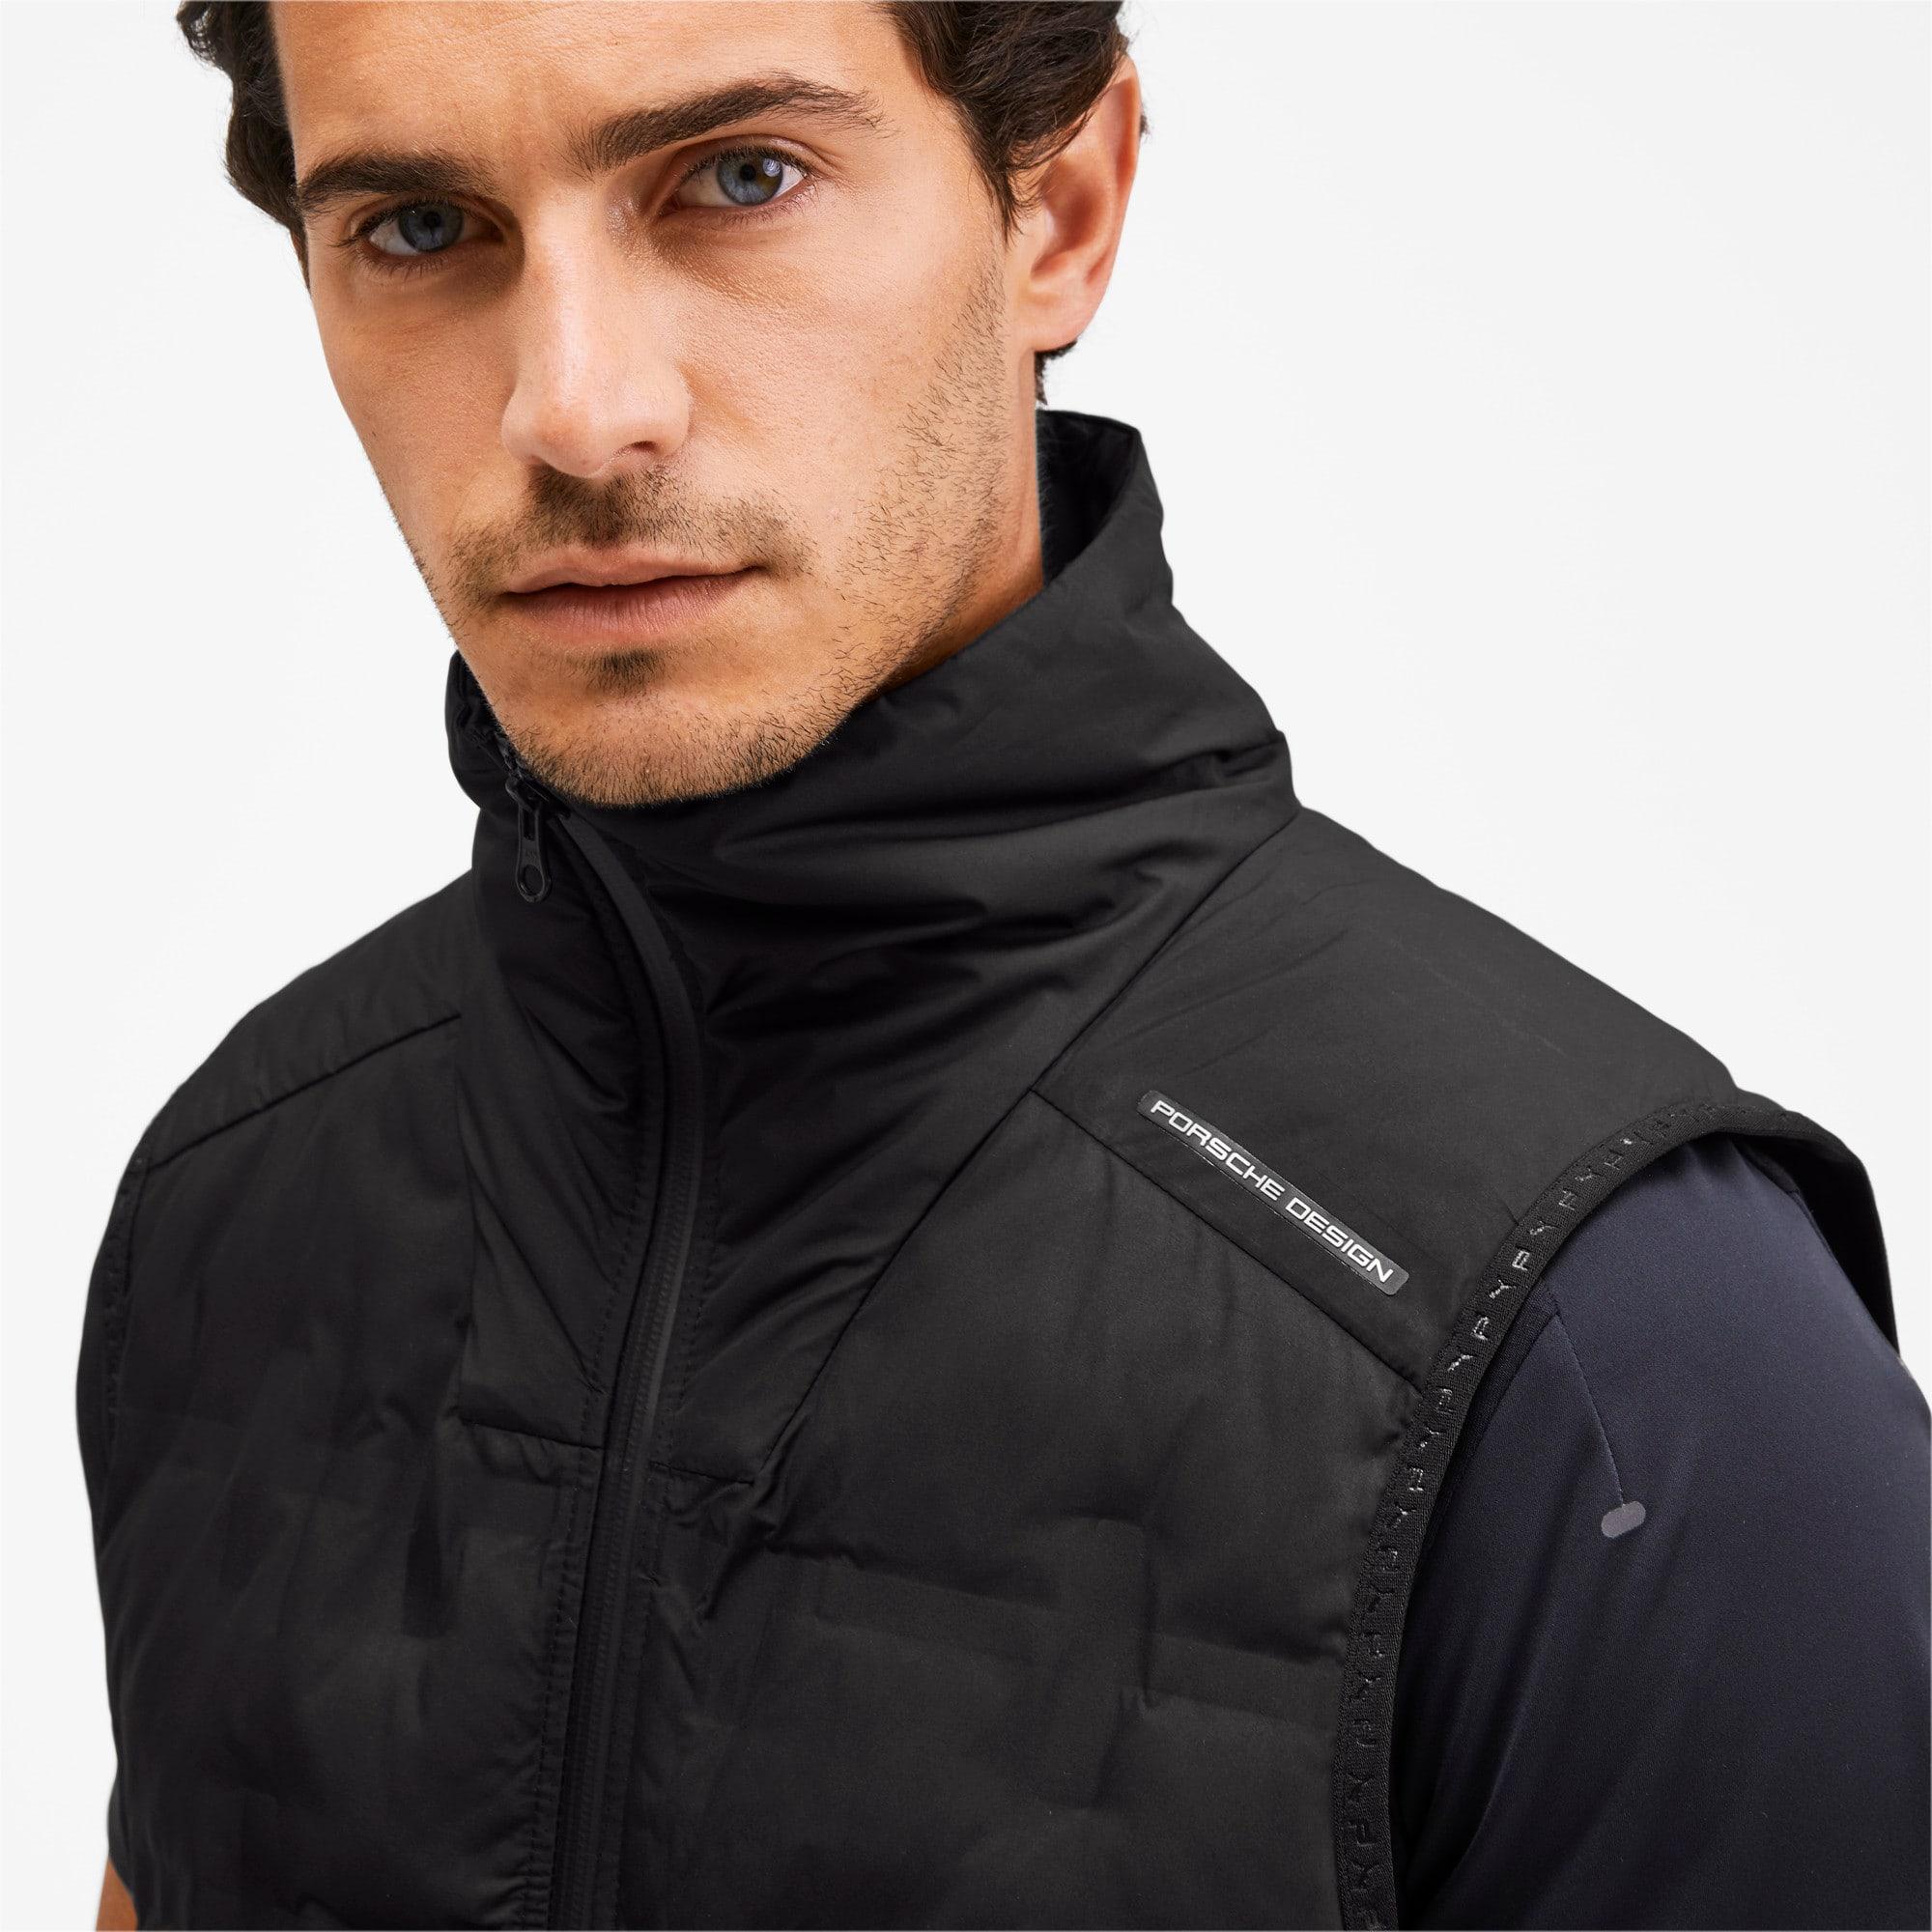 Thumbnail 6 of Porsche Design Men's Padded Vest, Jet Black, medium